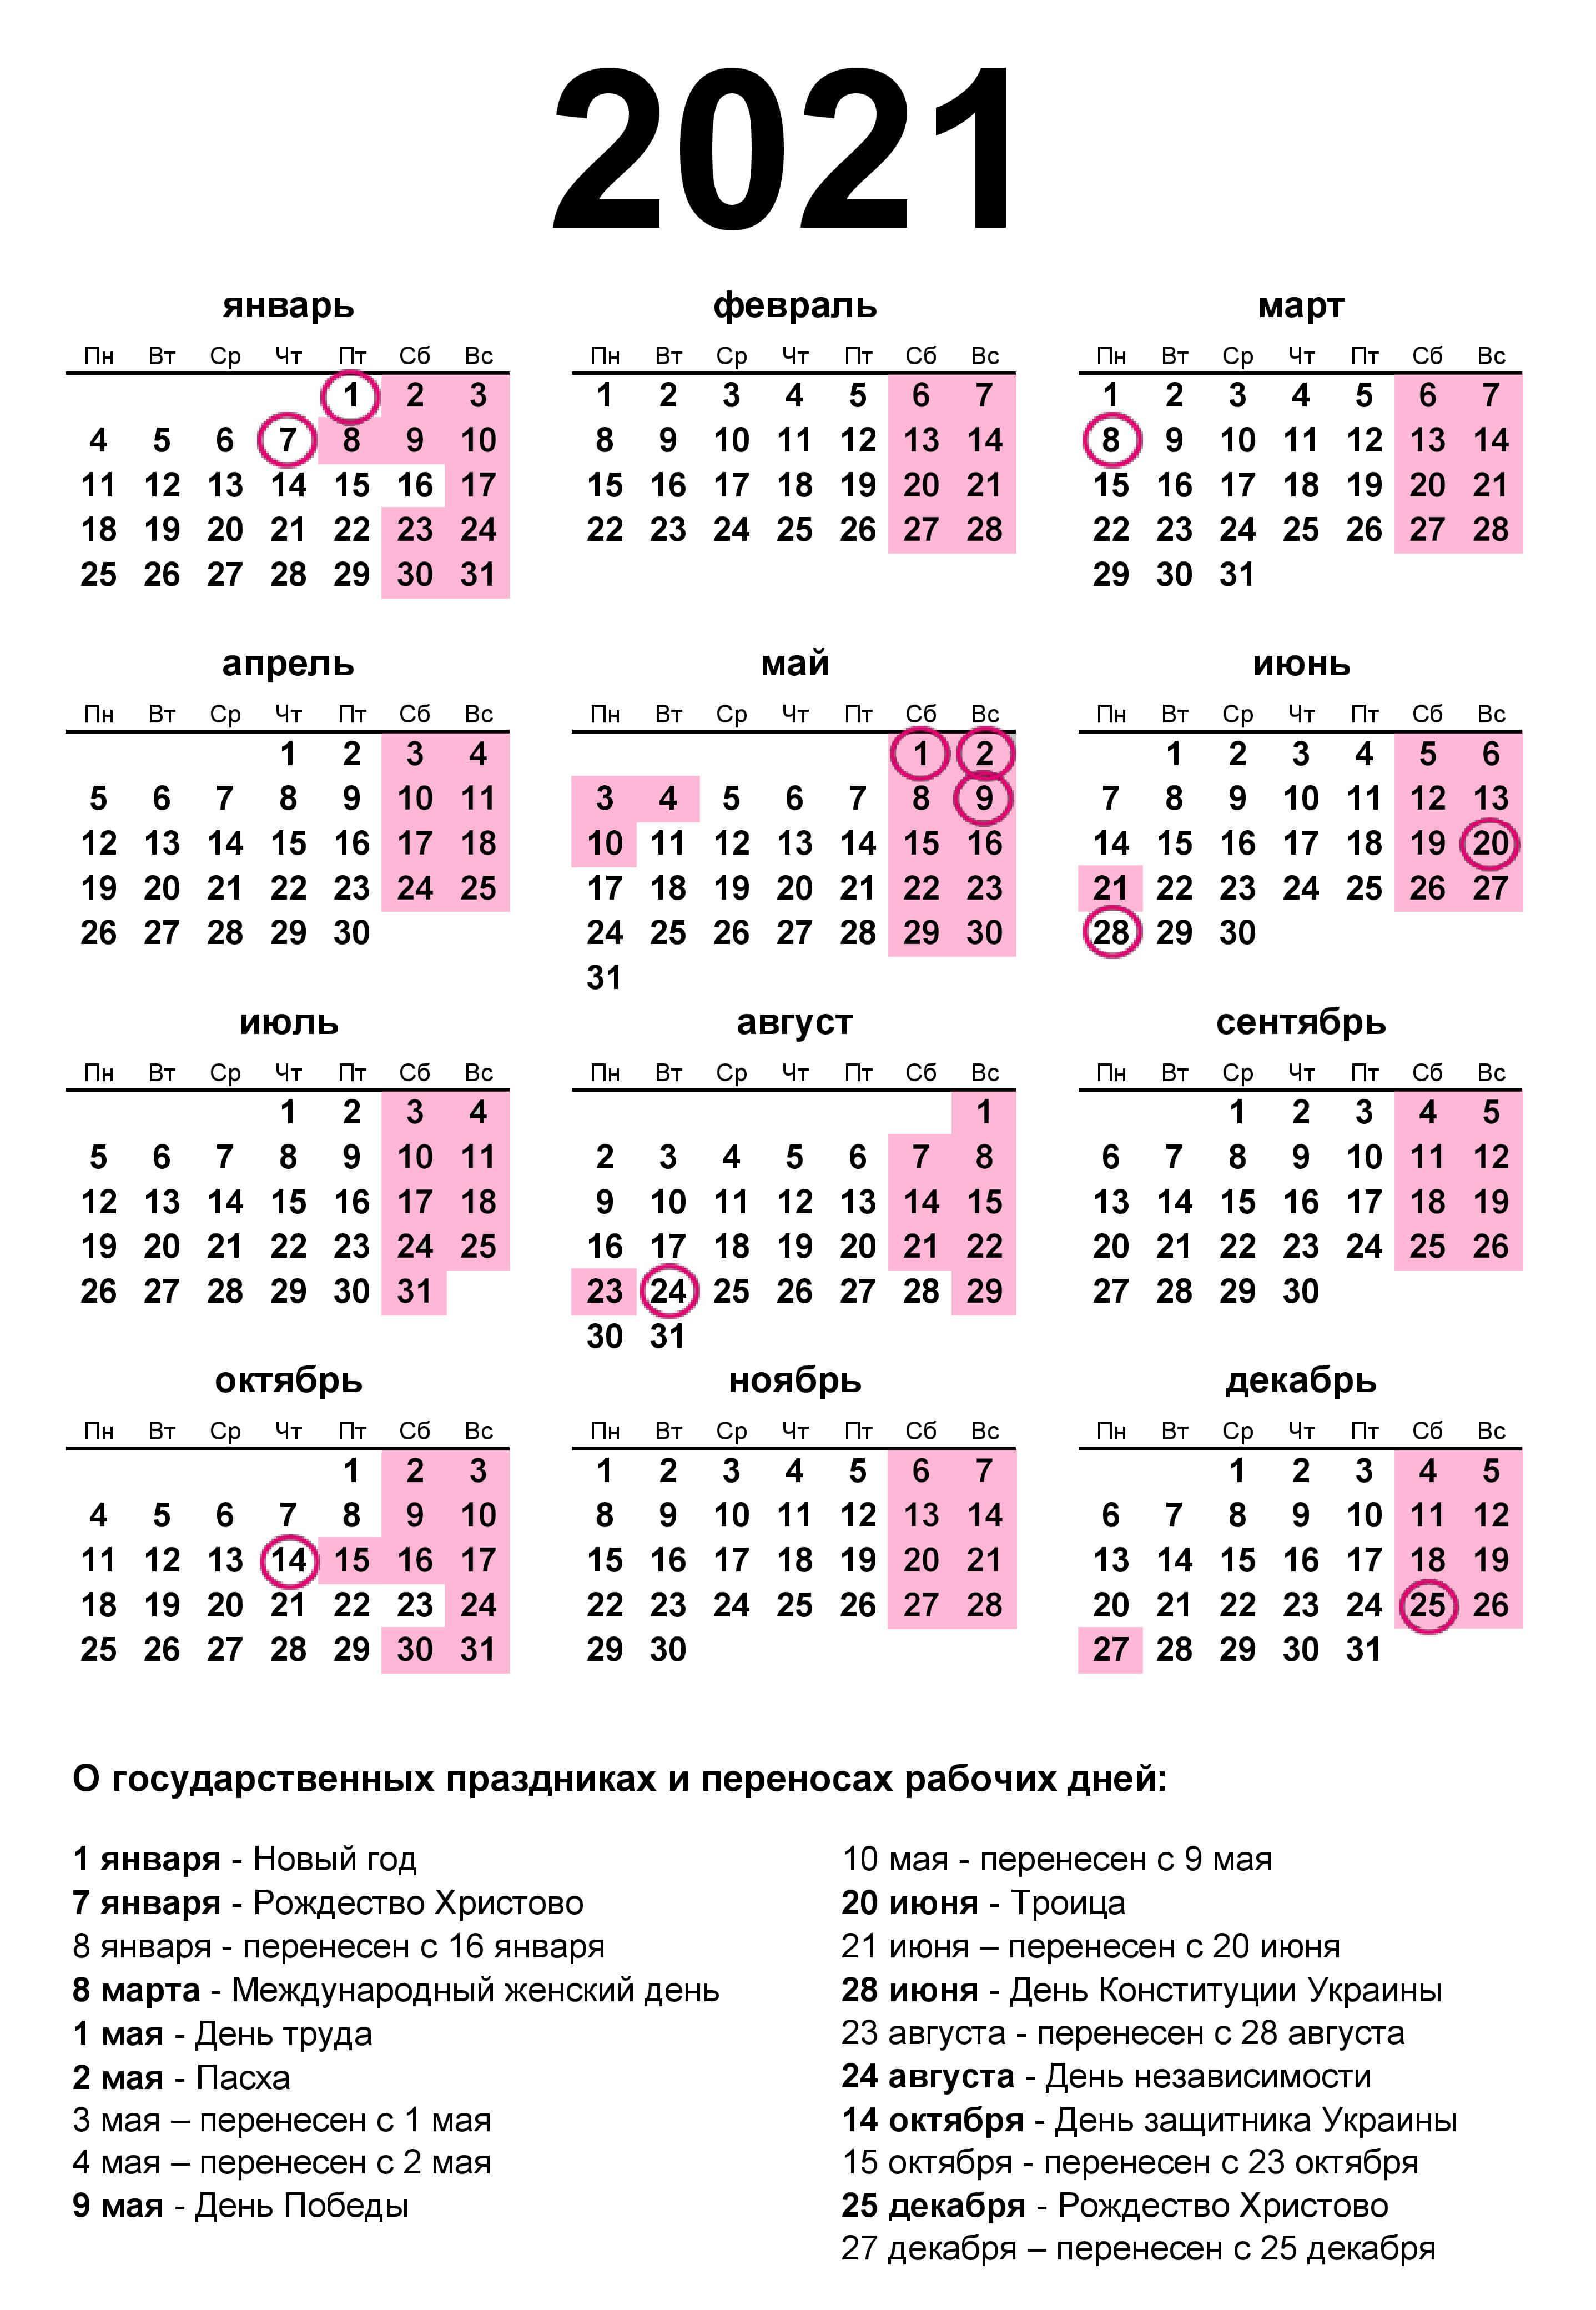 Украина – Производственный календарь на 2021 год